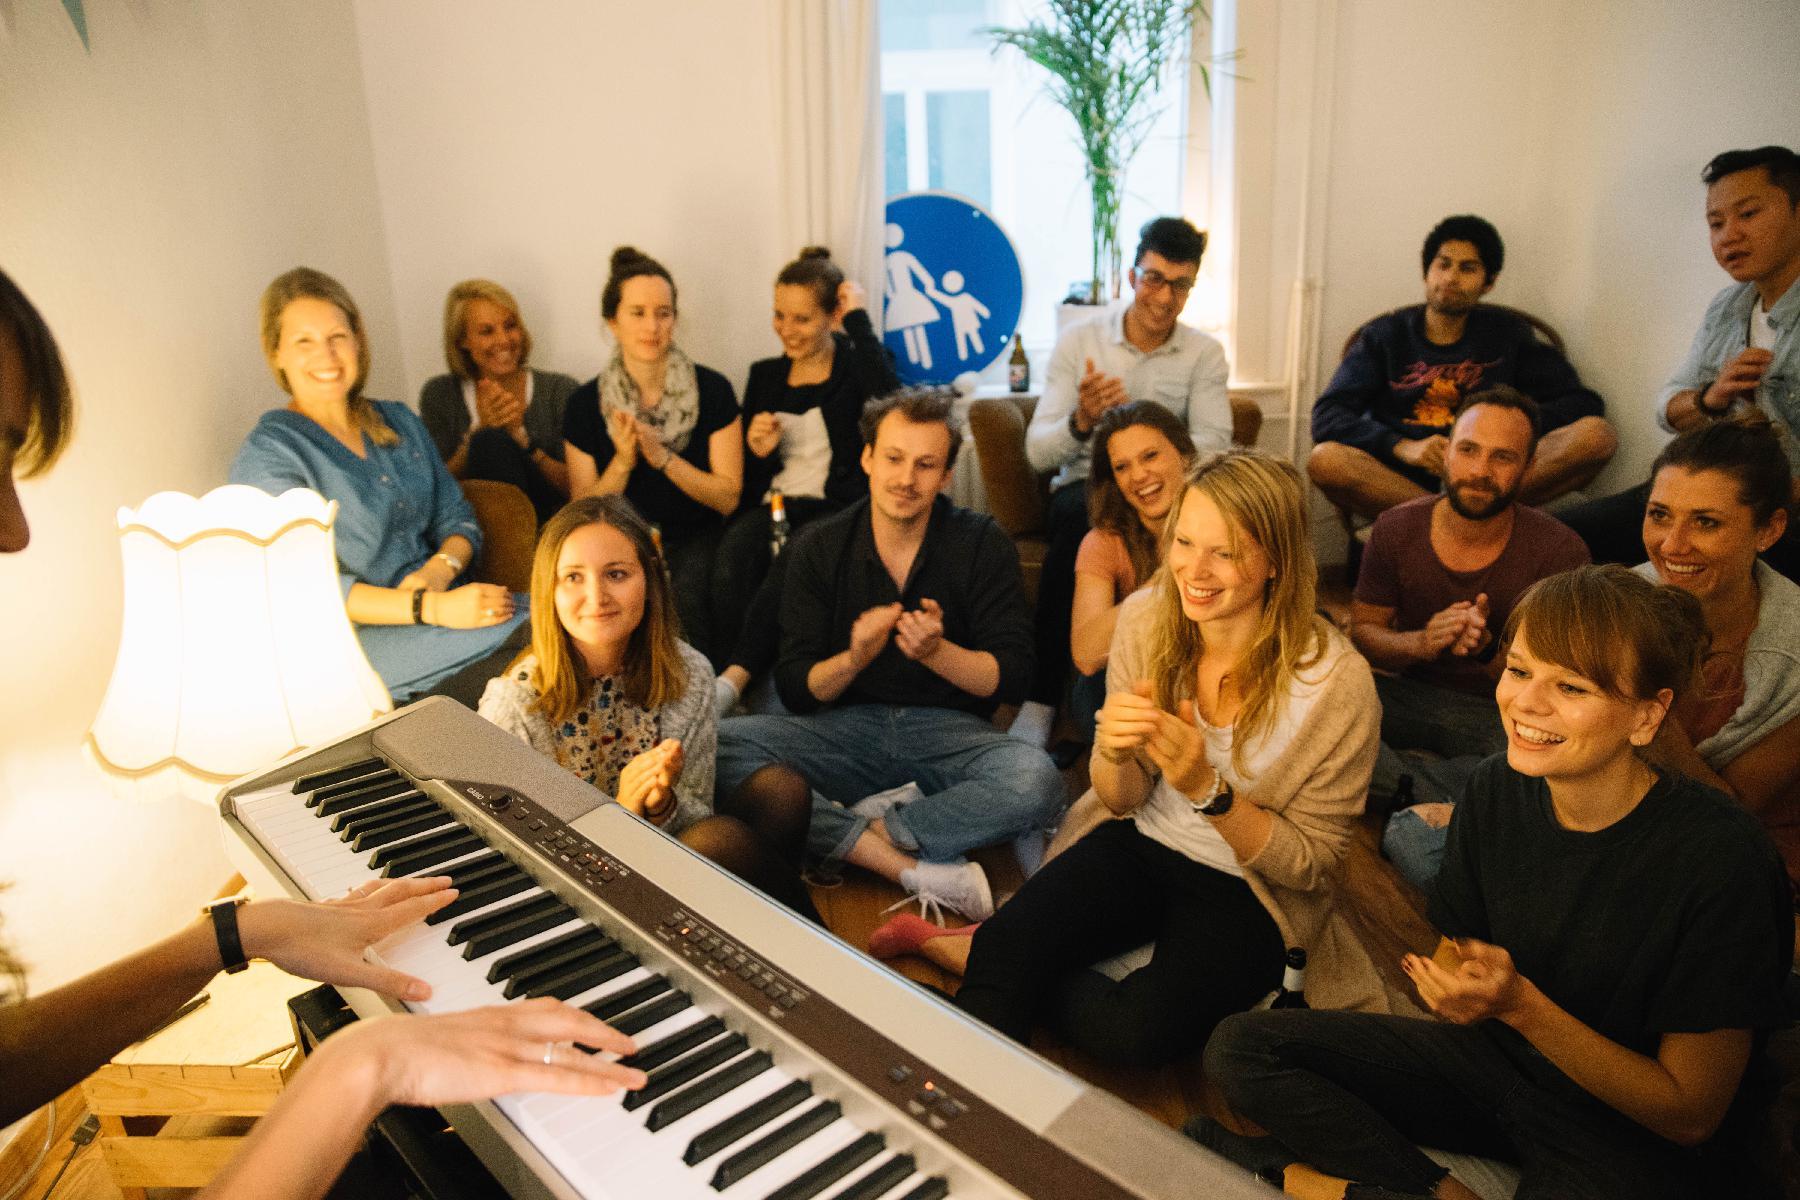 Publikum klatscht bei Wohnzimmerkonzert vor Klavier